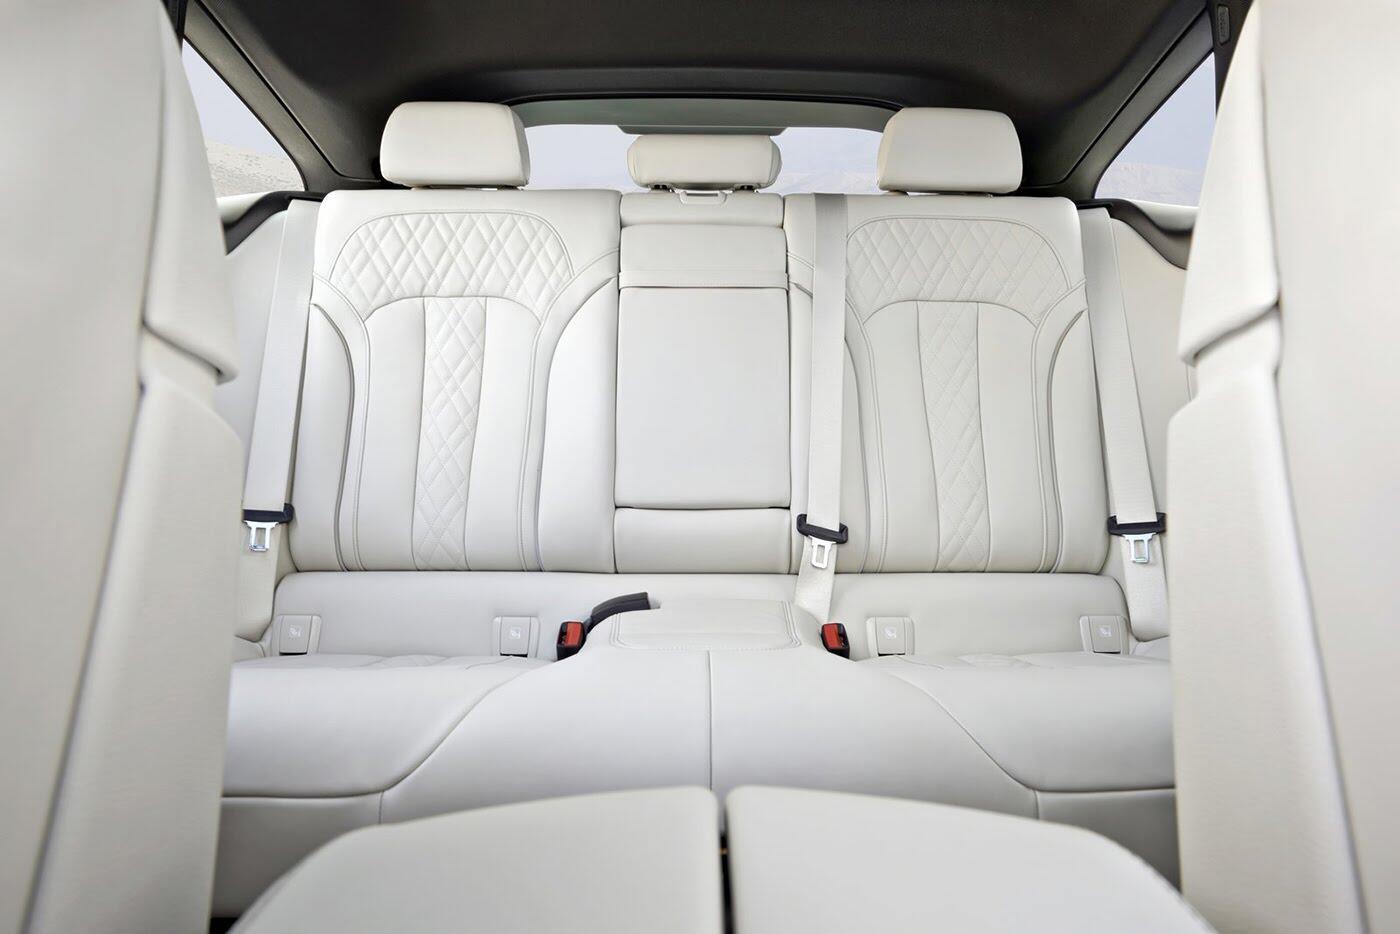 Xem thêm ảnh BMW 6-Series Gran Turismo 2018 - Hình 18